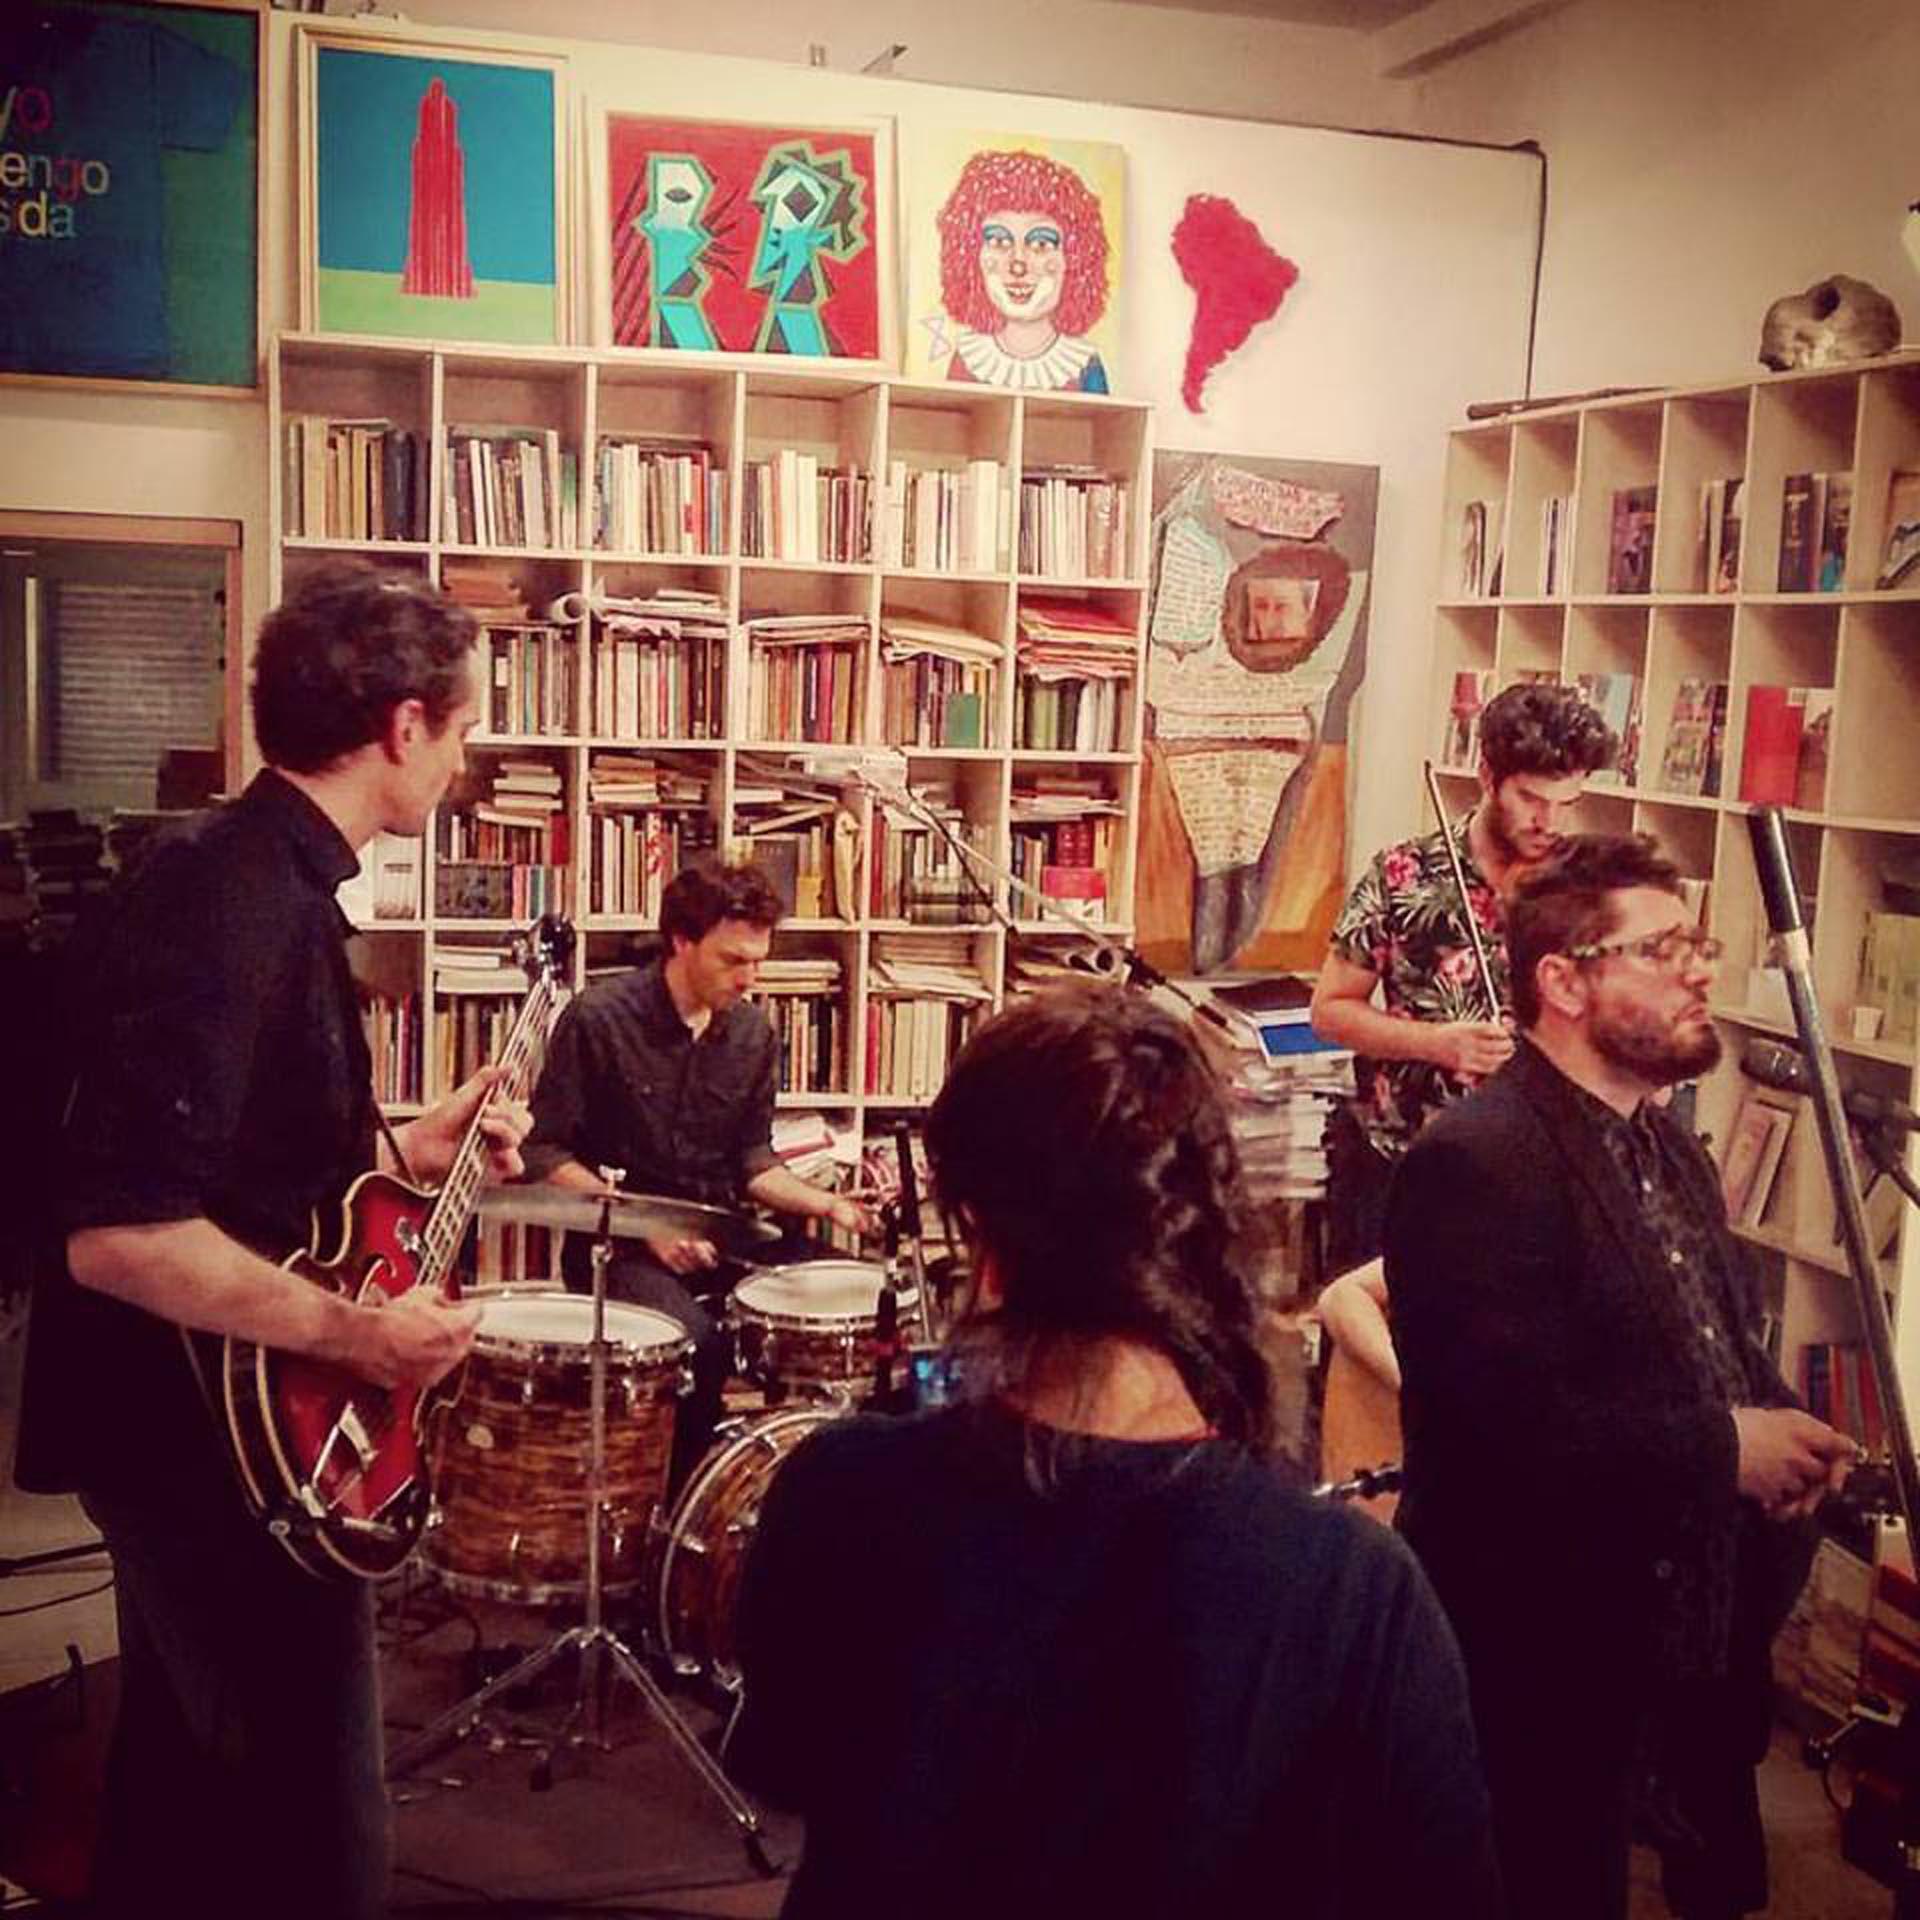 Super Siempre junto al pintor Alfredo Prior, el escritor Sergio Bizzio y el músico Alan Courtis